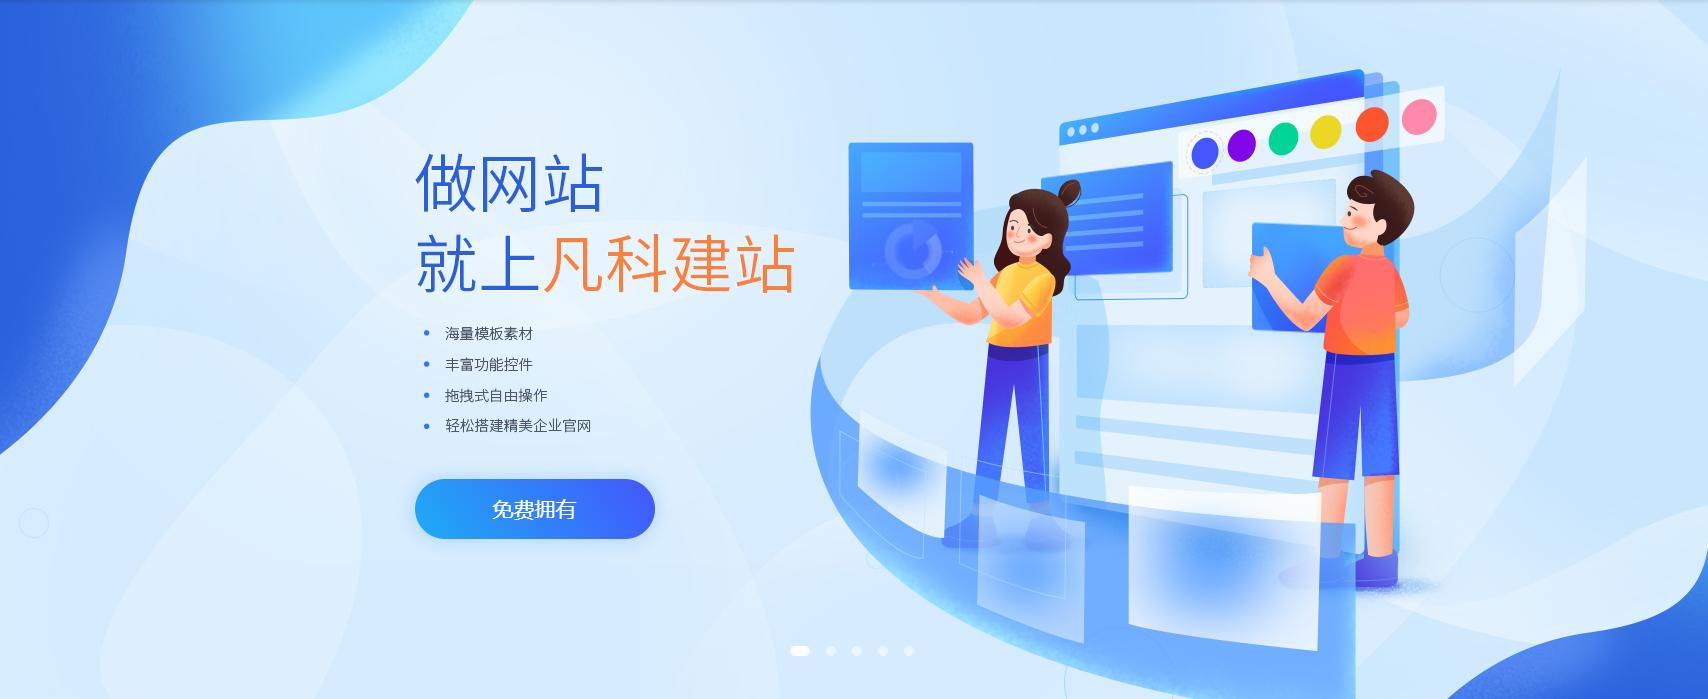 网站建设技术